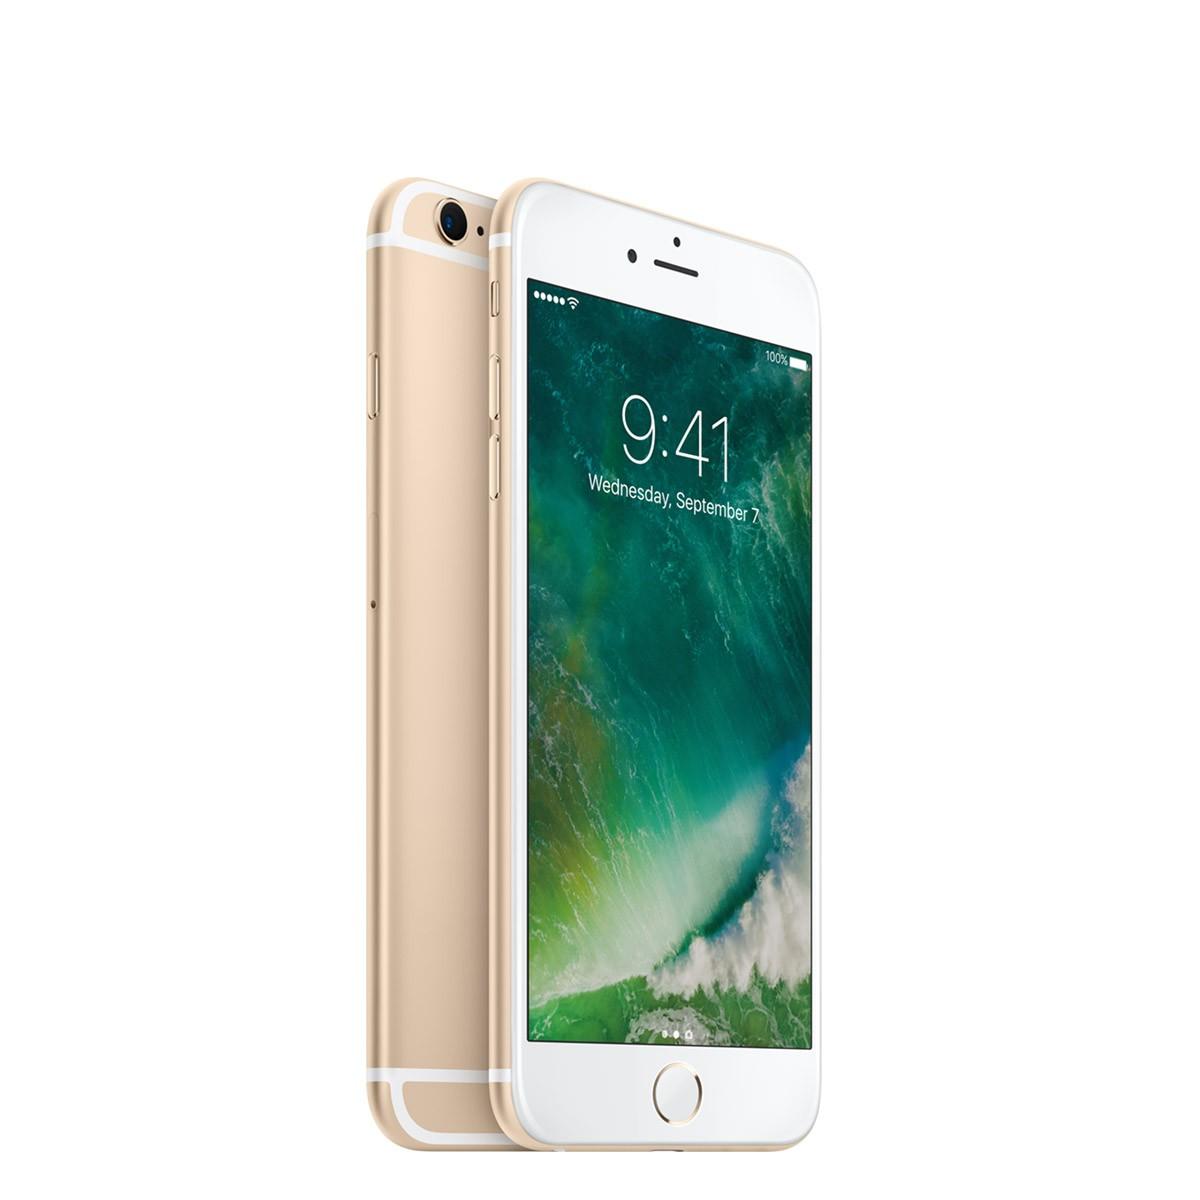 Apple iPhone 6 16GB - zlatý (servisované, nepoužité, záruka a odpovědnost z vad 12 měsíců u iSTYLE)